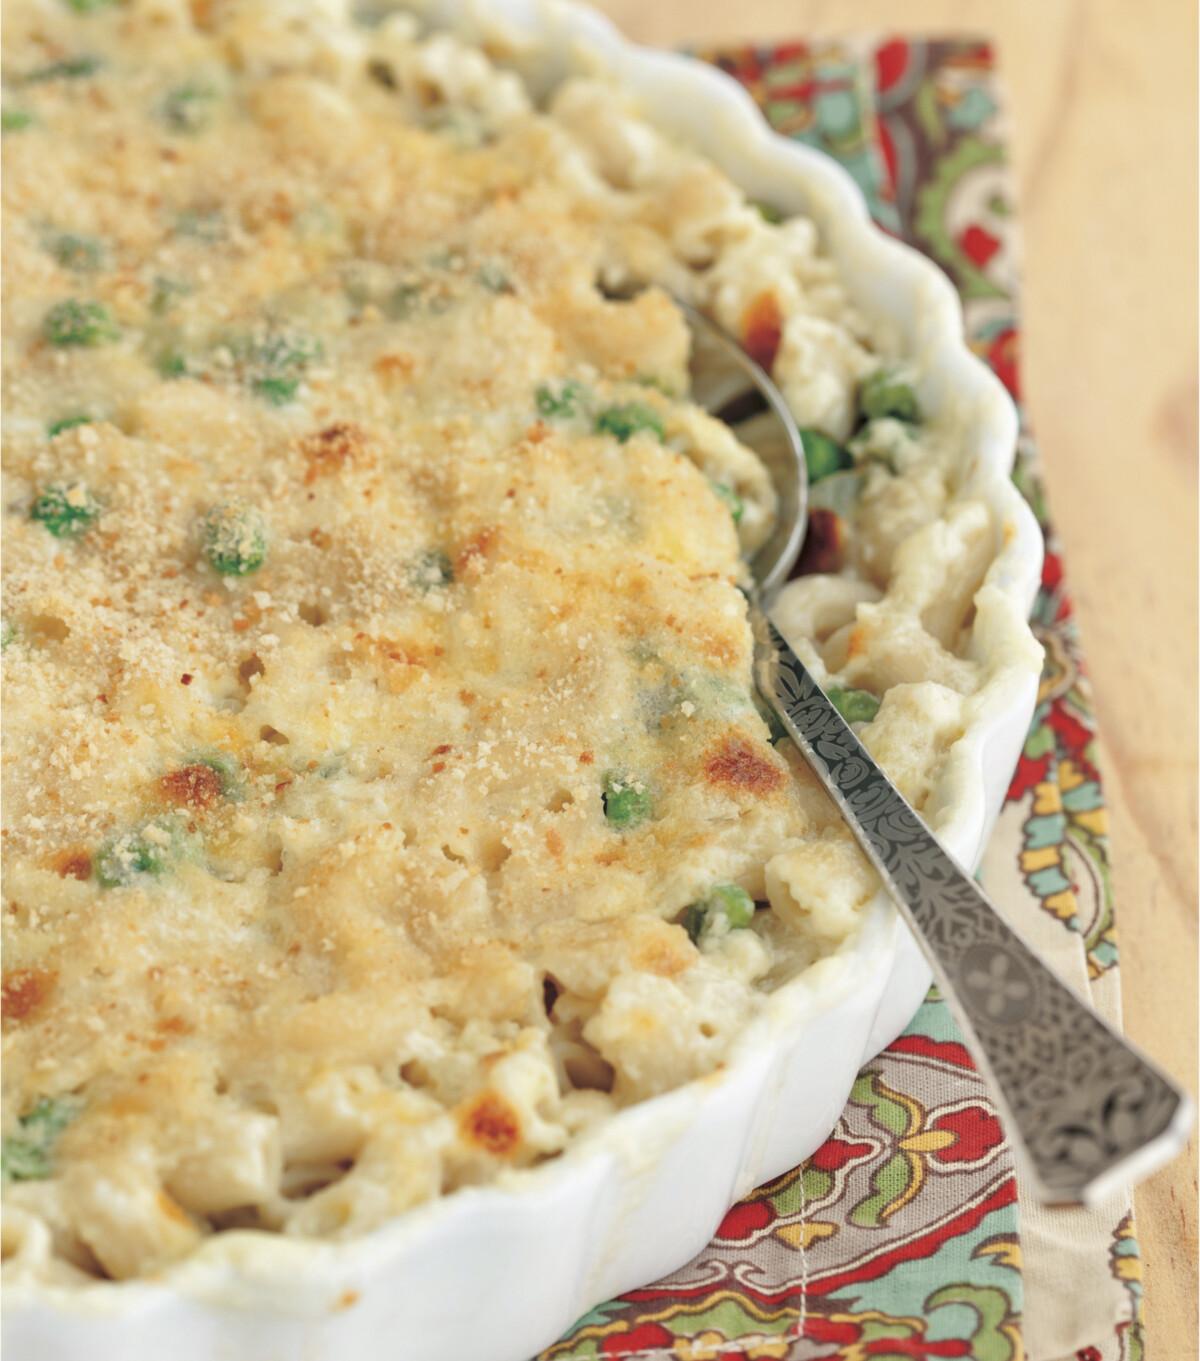 Macaroni Casserole in a baking dish.